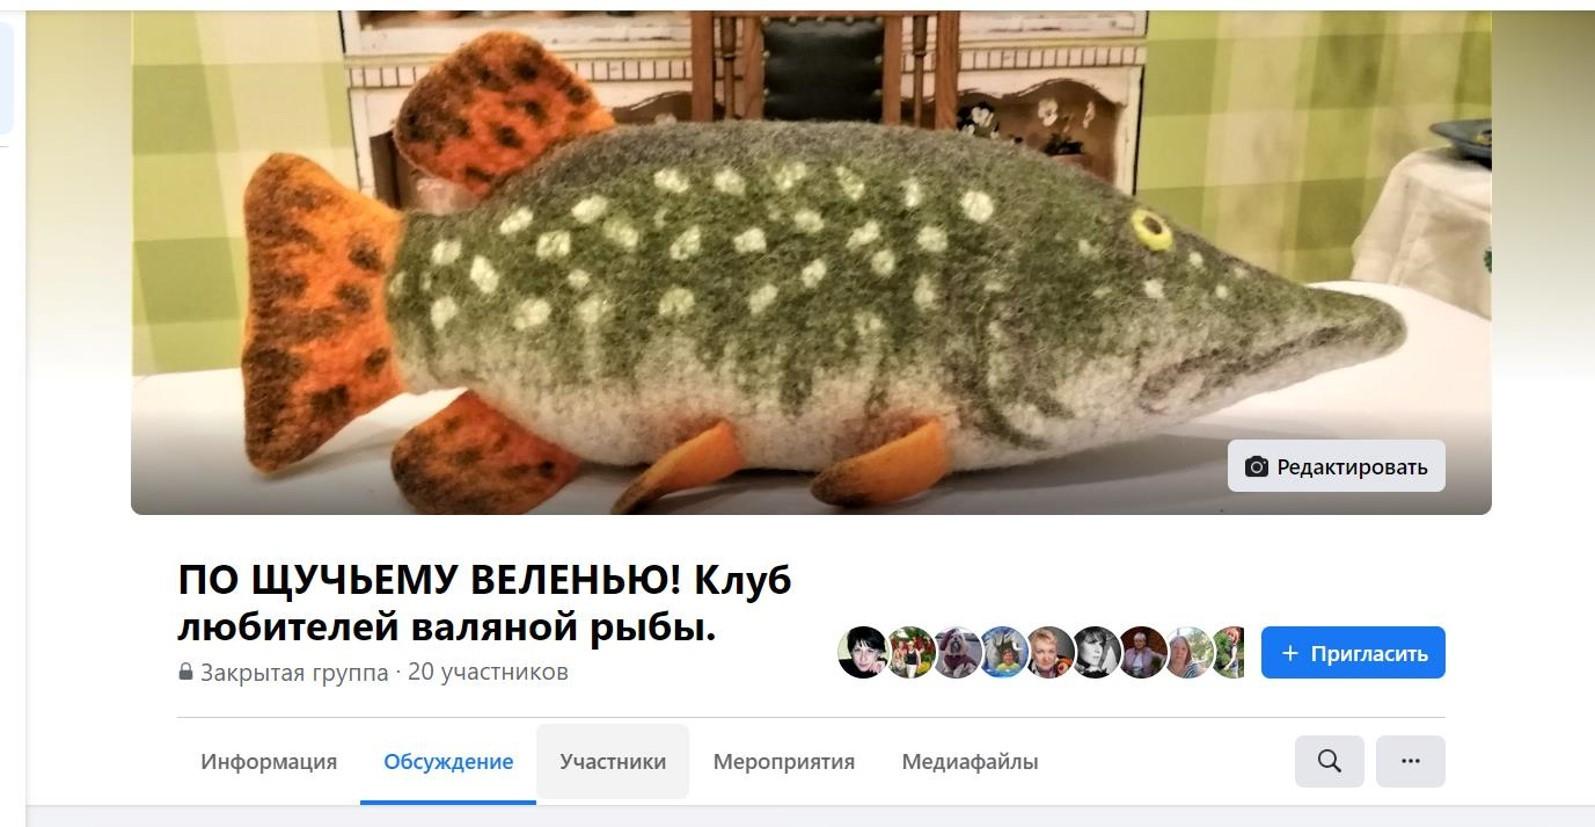 """Вебинар """"По щучьему веленью!"""" Е.Кондрашова"""